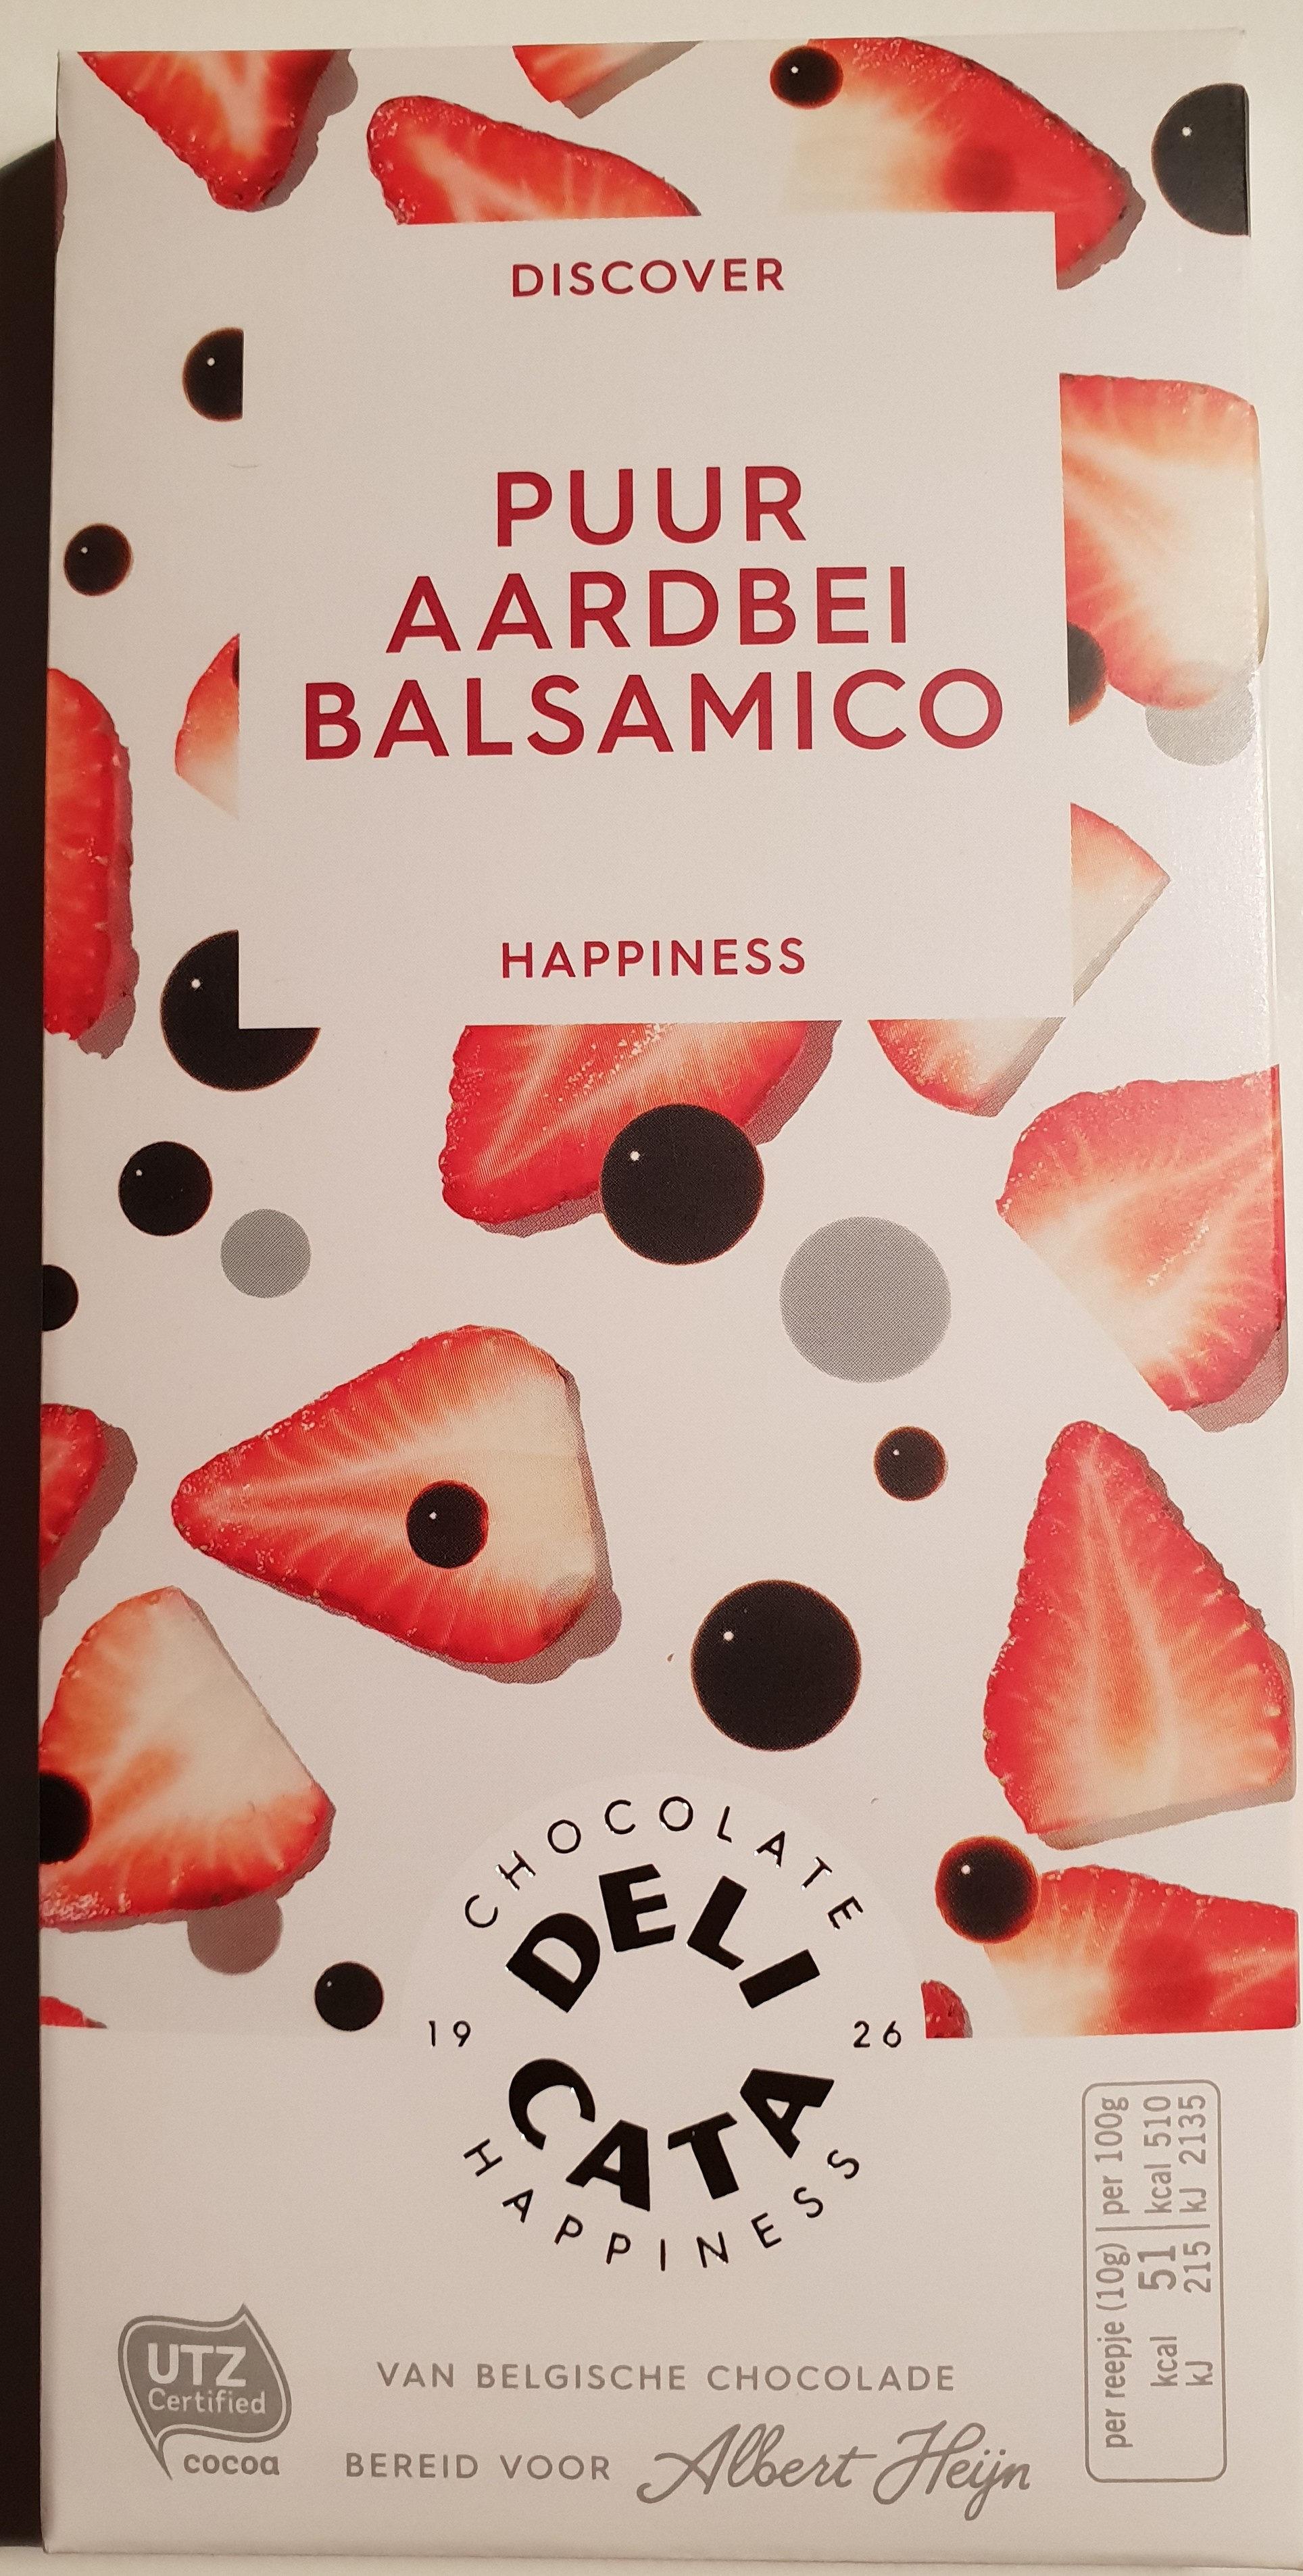 Delicata pure chocolade met aardbei en balsamico - Product - nl